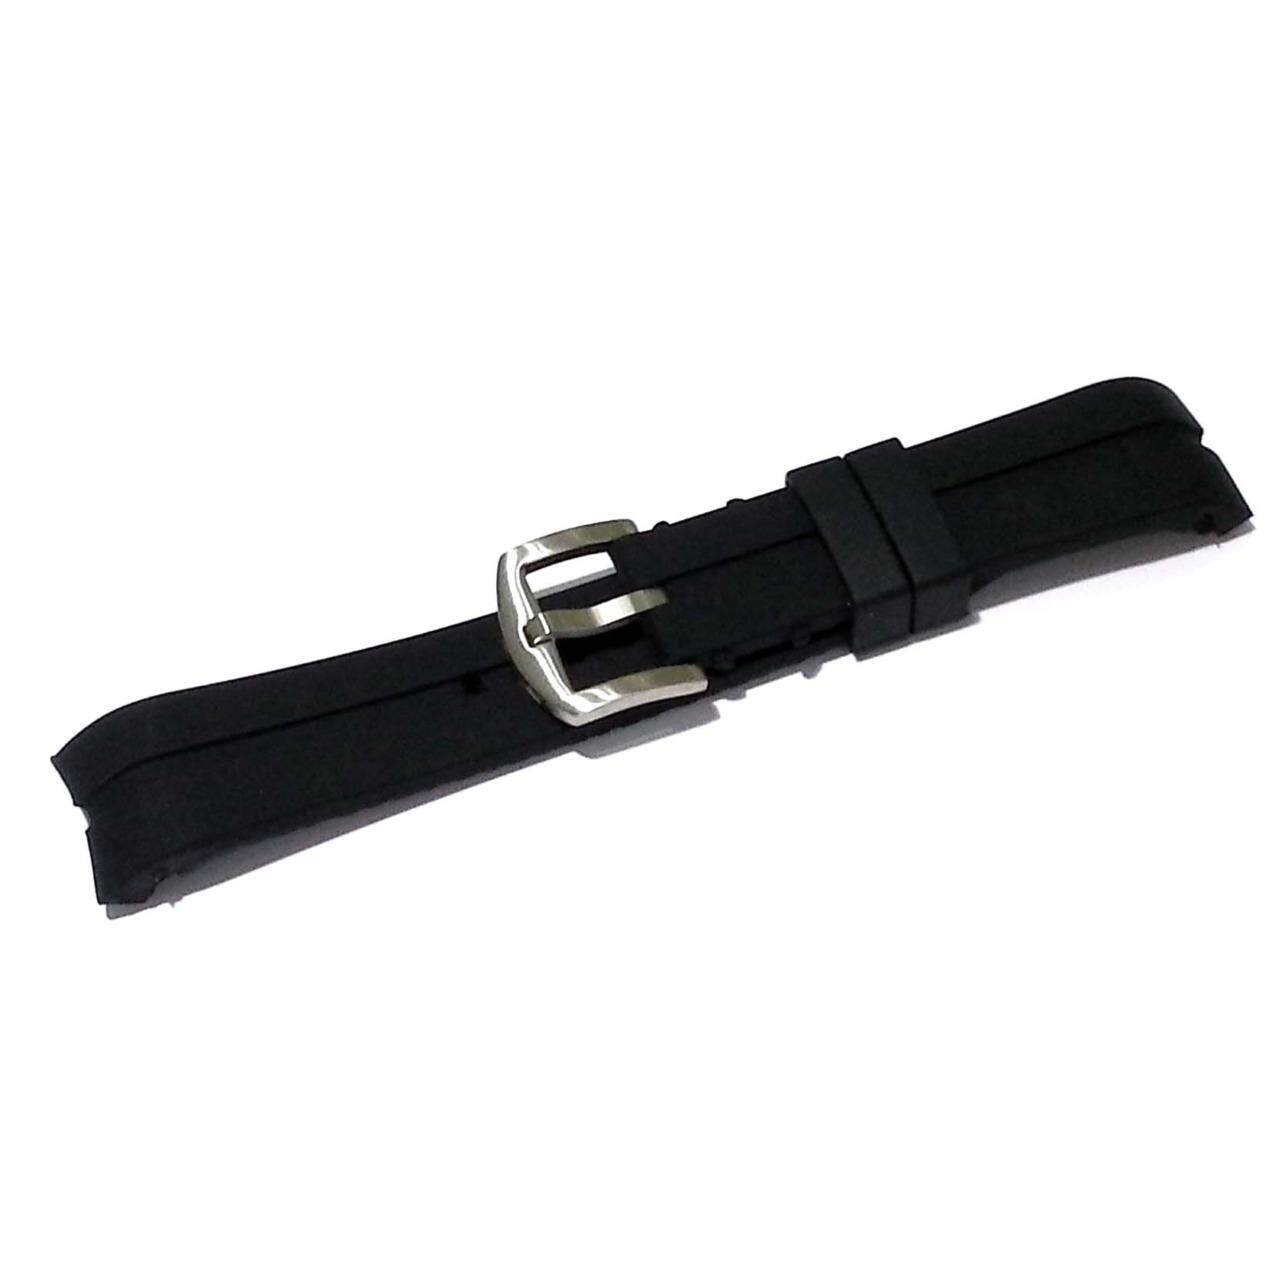 ส่วนลด Nt Watch Shop สายนาฬิกา สายยาง ซิลิโคน Bfr หัวโค้ง 22 มม สีดำ Nt Watch Shop Thailand